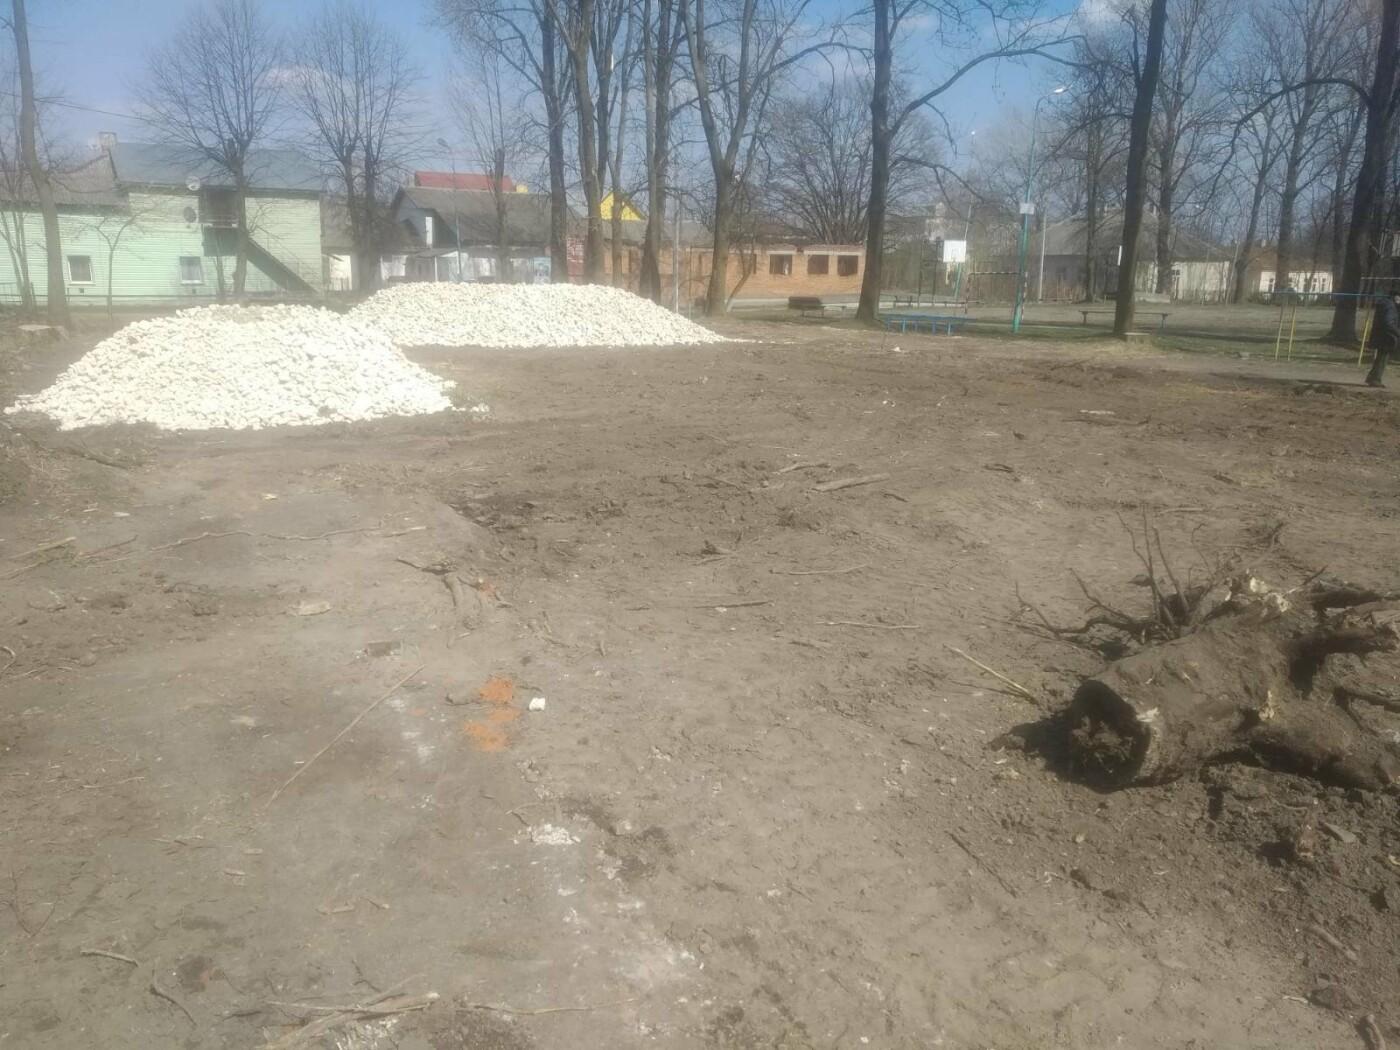 Майданчик для воркауту у Бориславі: тривають підготовчі роботи , фото-6, Фото - 03247.com.ua